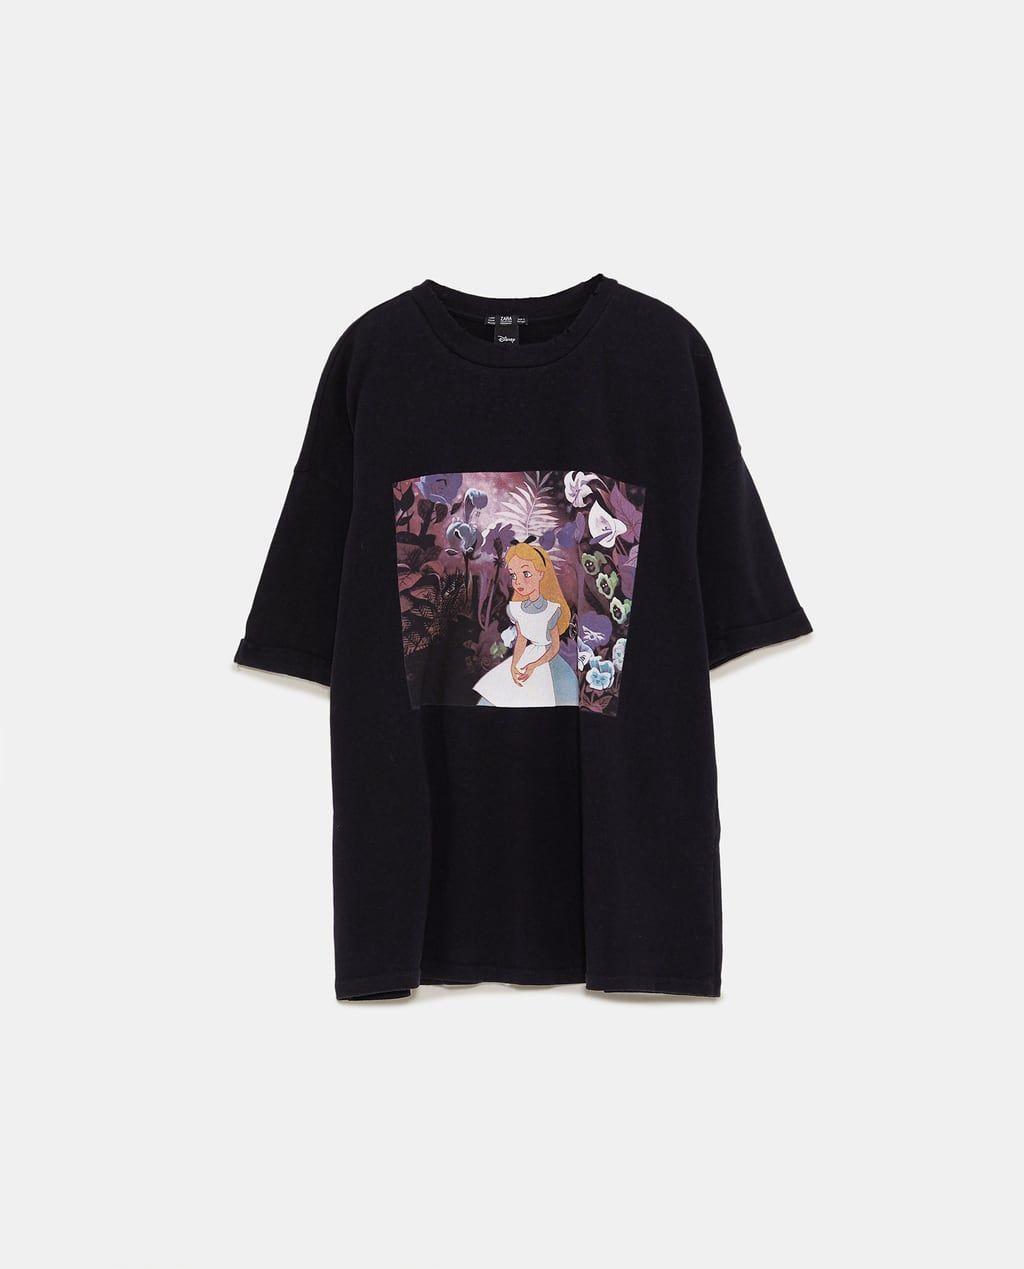 Zdjecie 6 Koszulka Z Nadrukiem C Disney Z Zara Nasa Clothes Fashion Tops Blouse Clothes